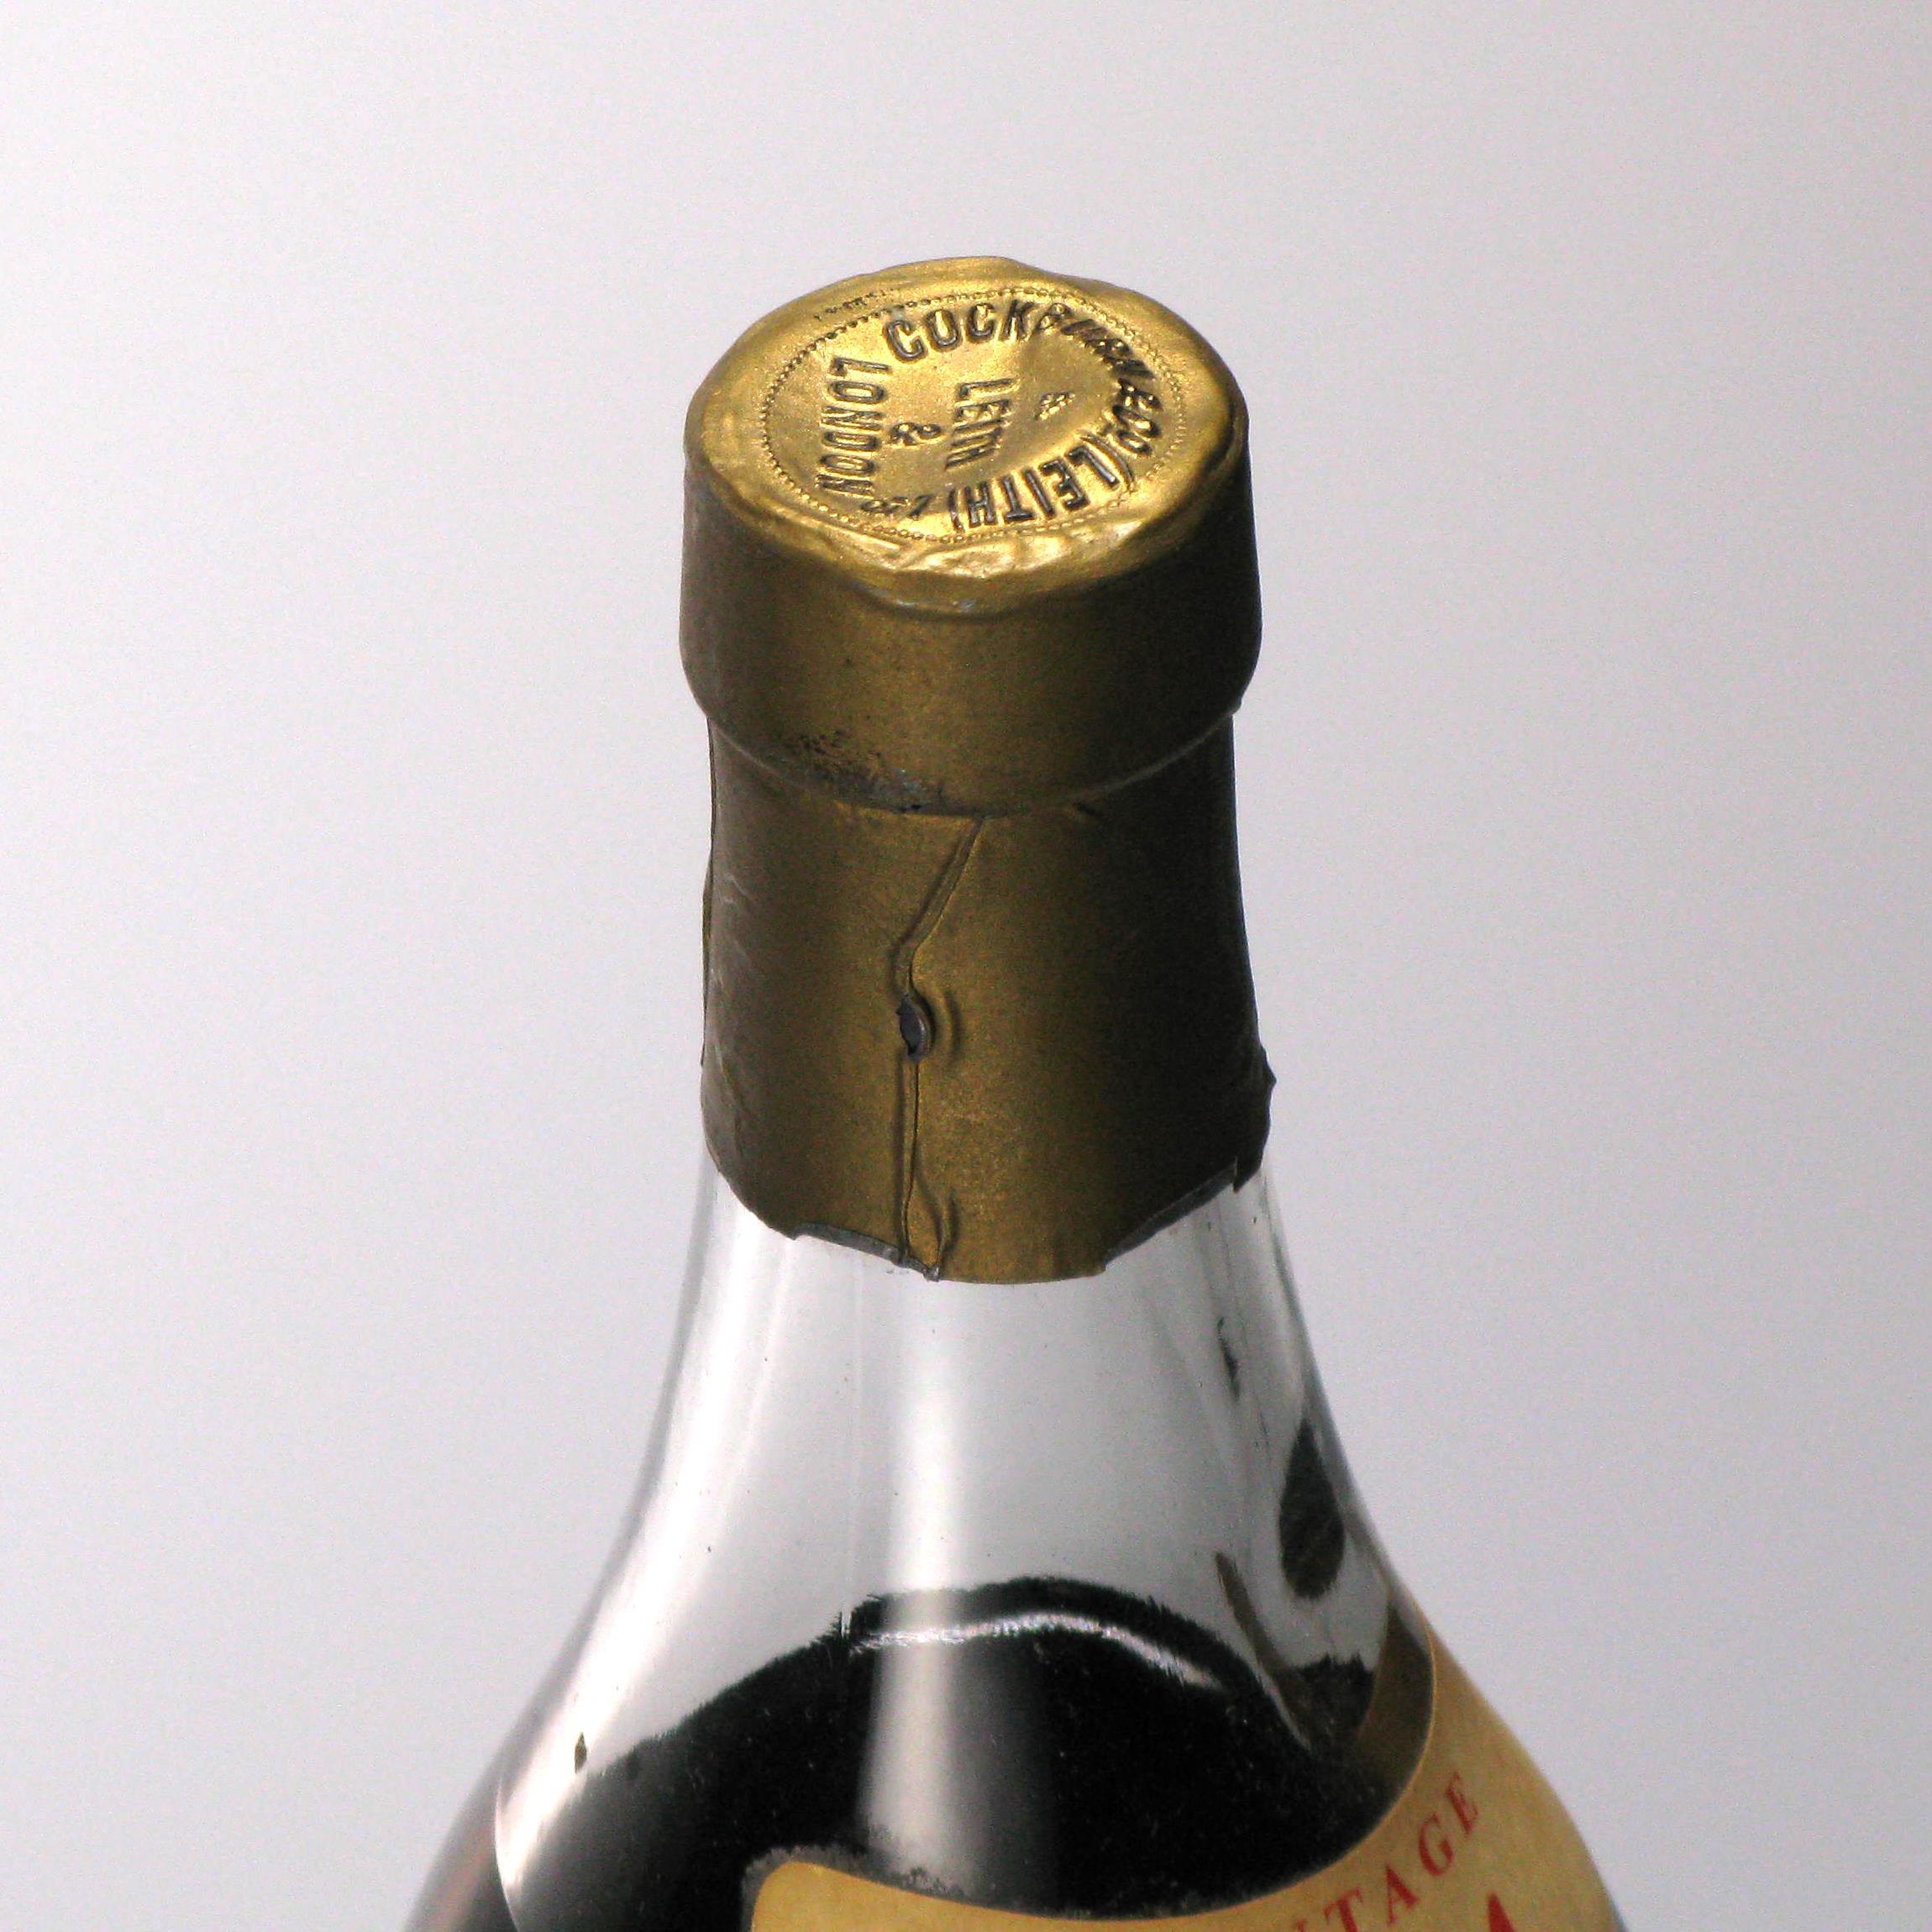 Cognac 1914 Cockburn & Co